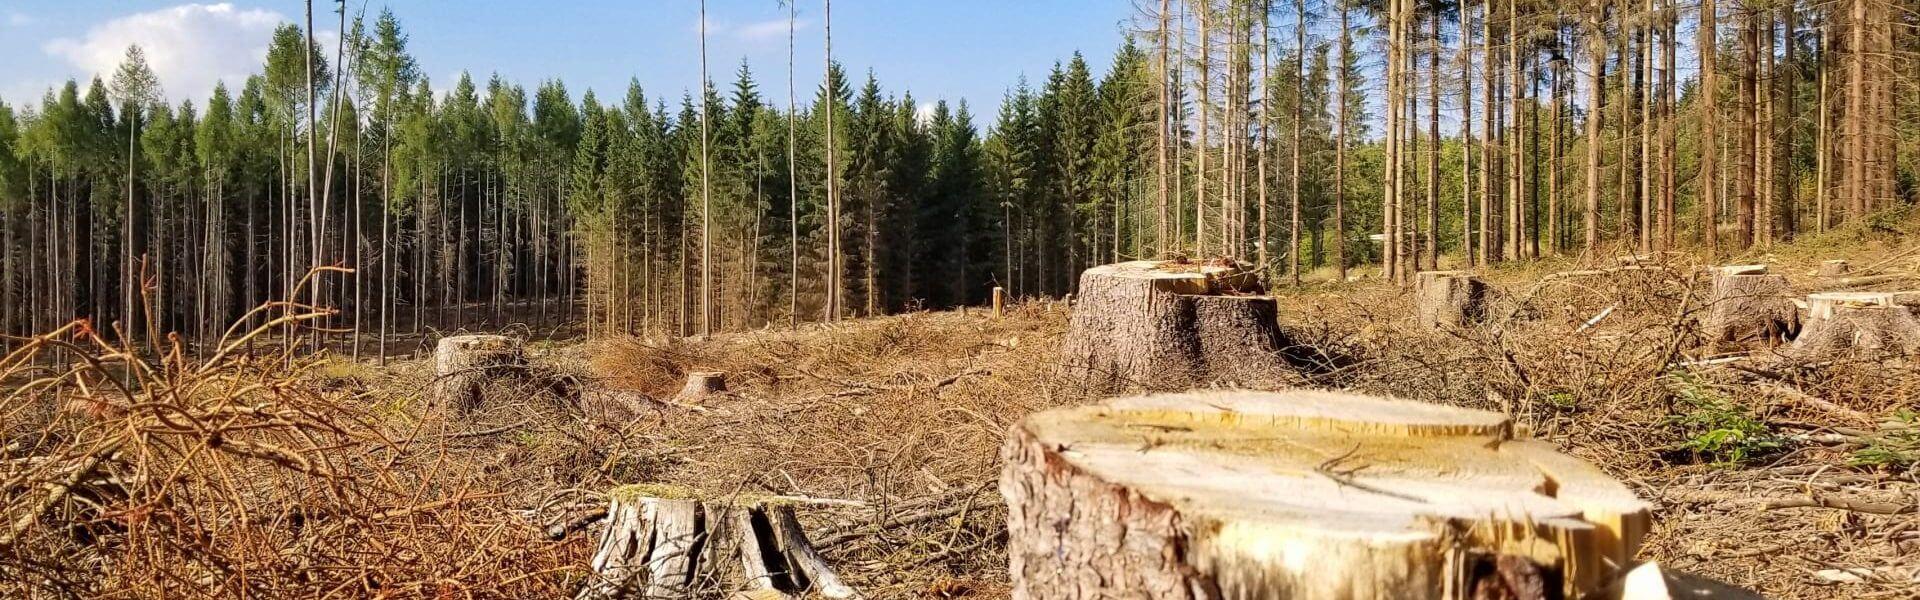 https://www.publicdomainpictures.net/en/view-image.php?image=296125&picture=deforestation